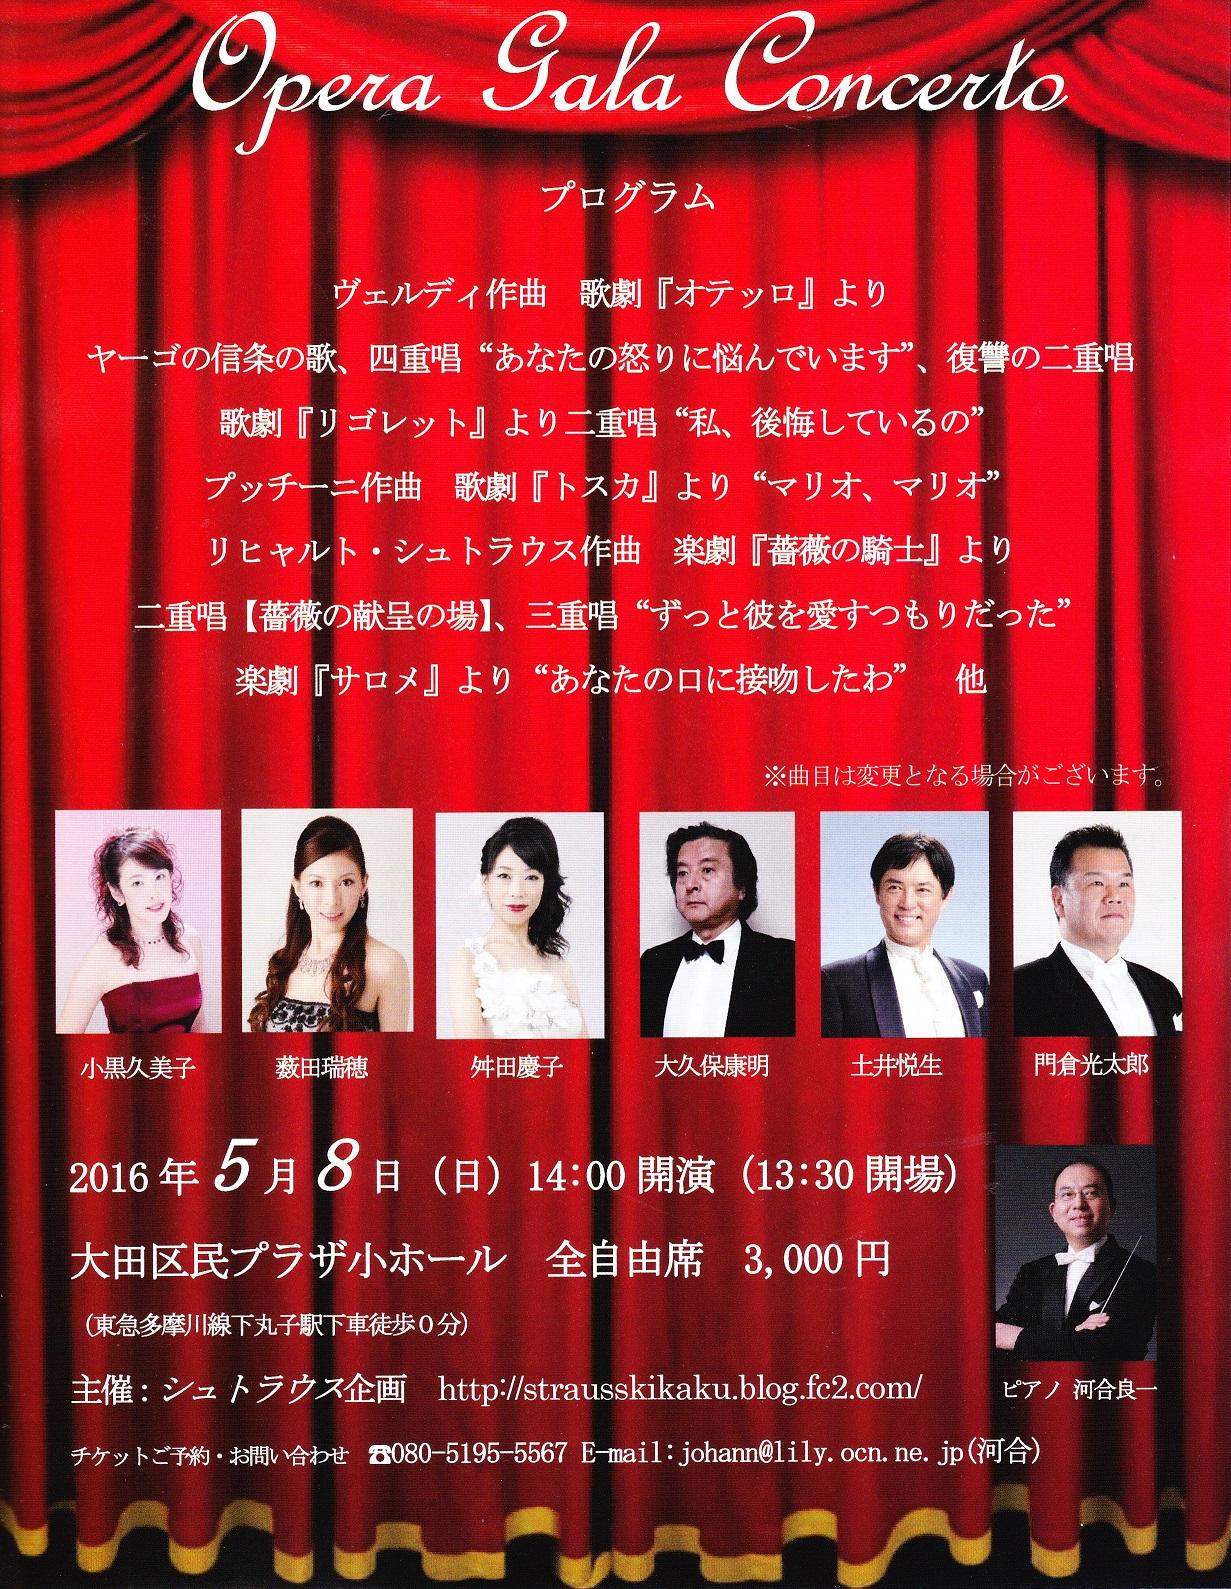 5月8日オペラガラコンサート2